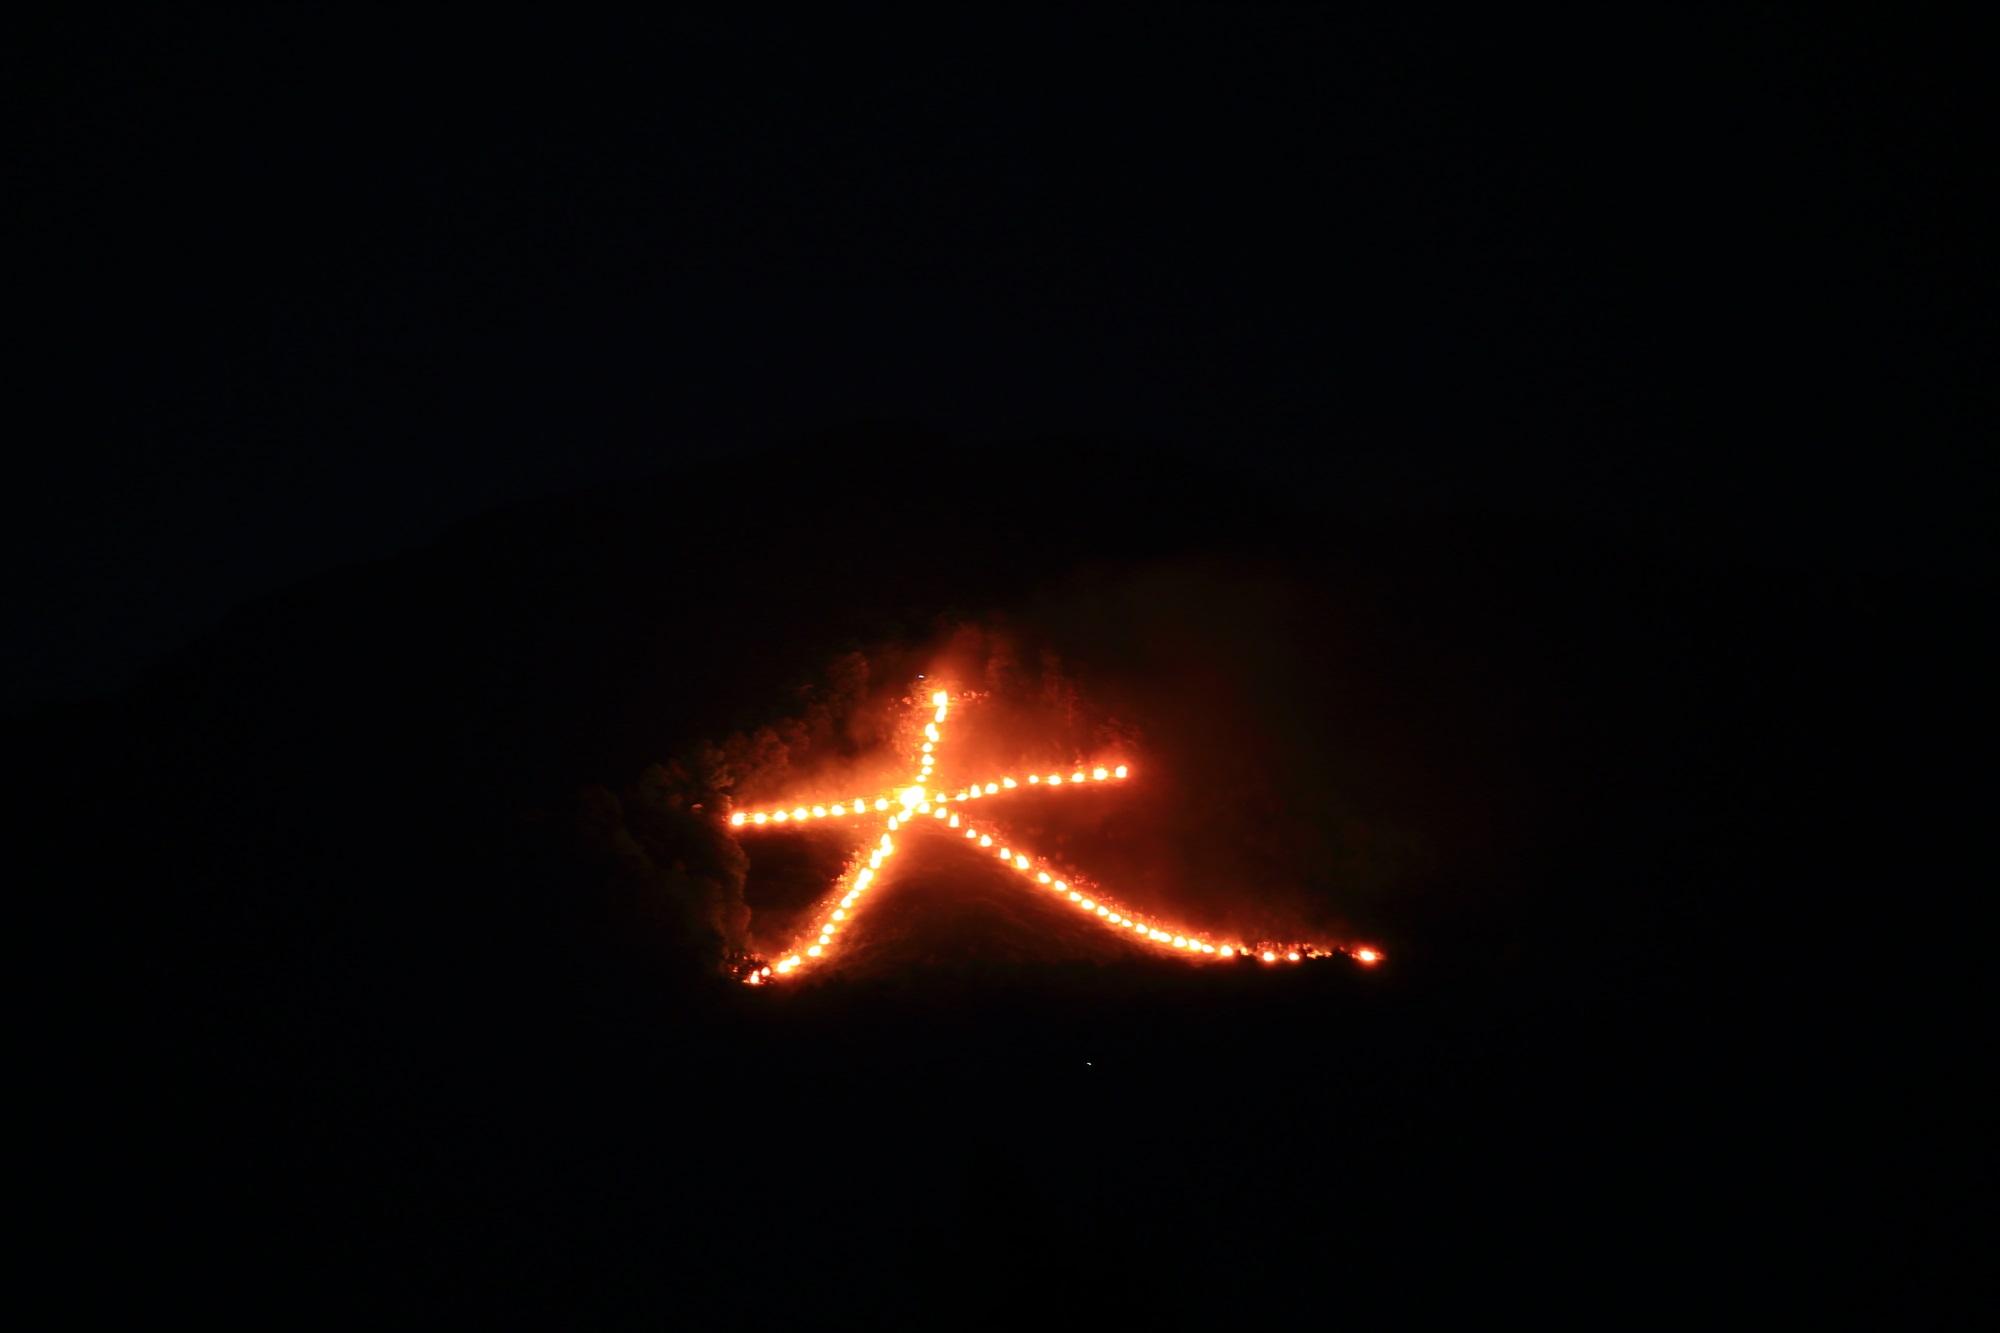 五山送り火の東山如意ケ嶽の夏の夜空を灯す大文字 2015年8月16日